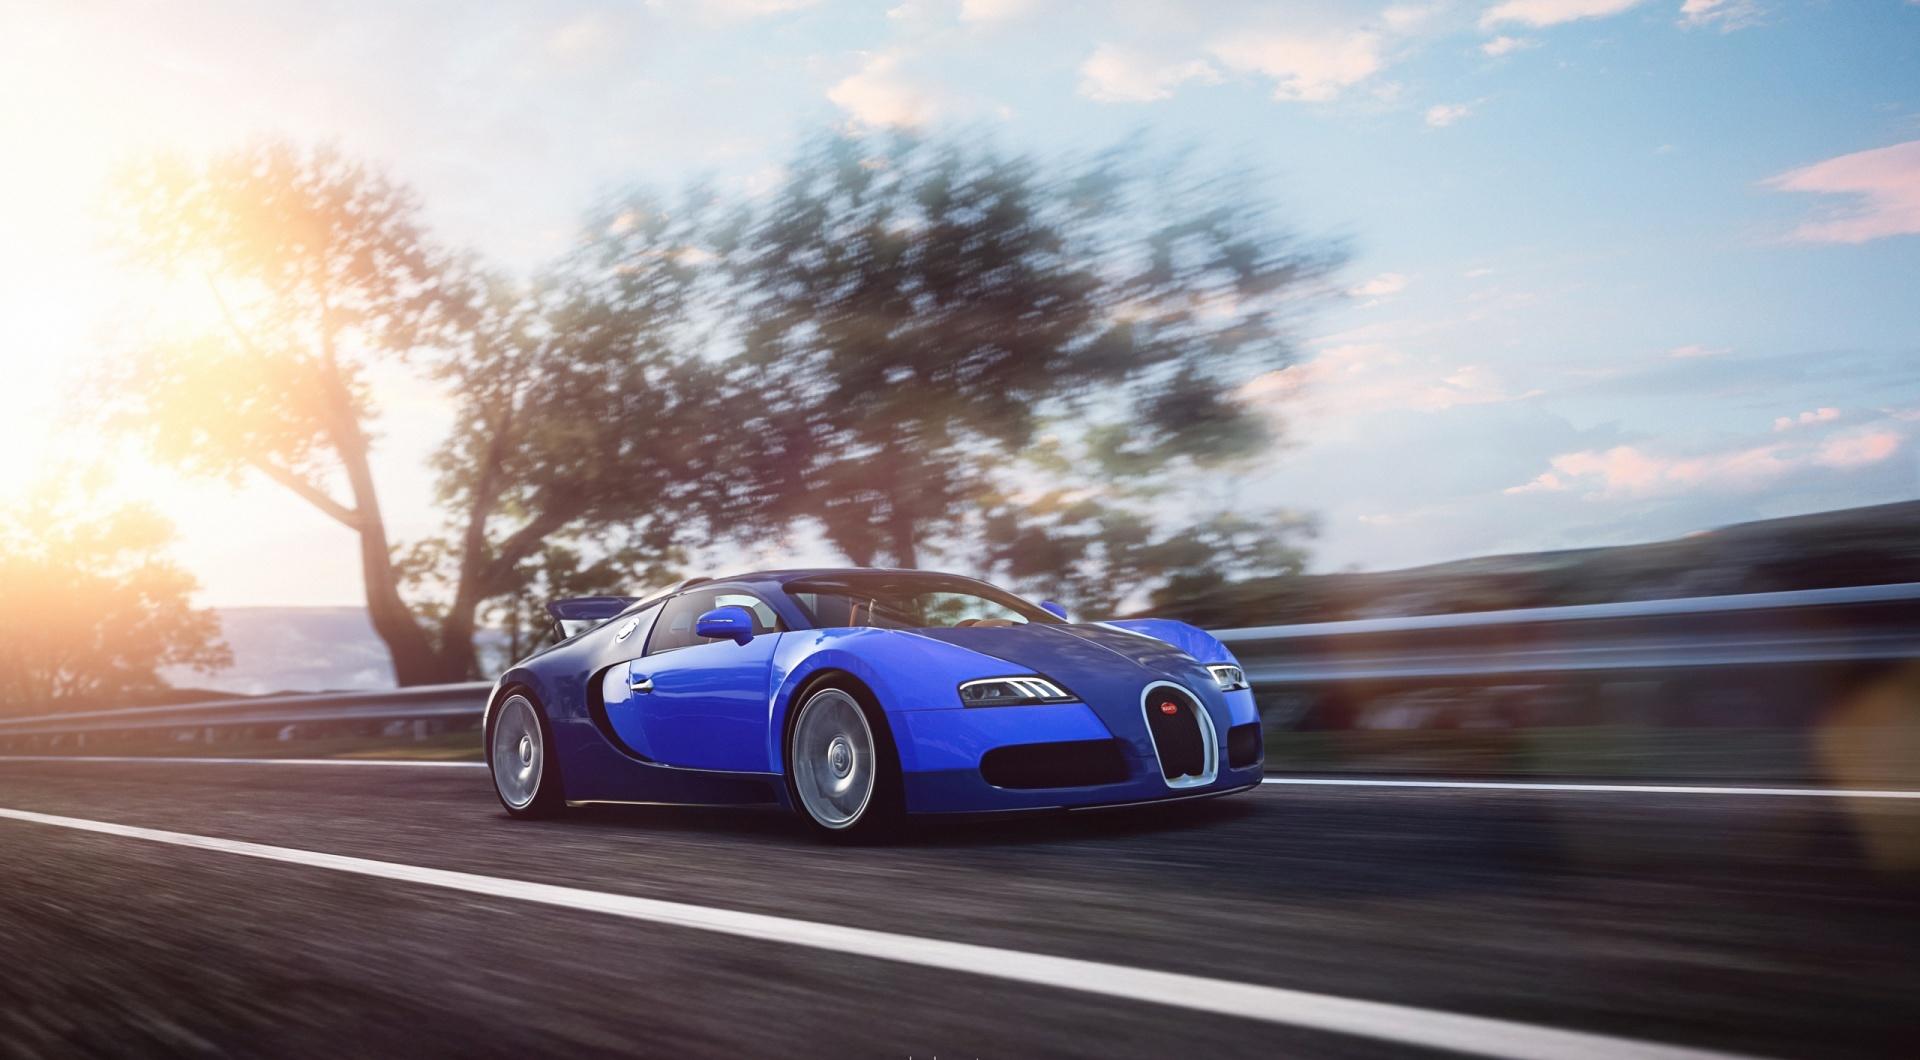 bugatti veyron wallpapers turismo